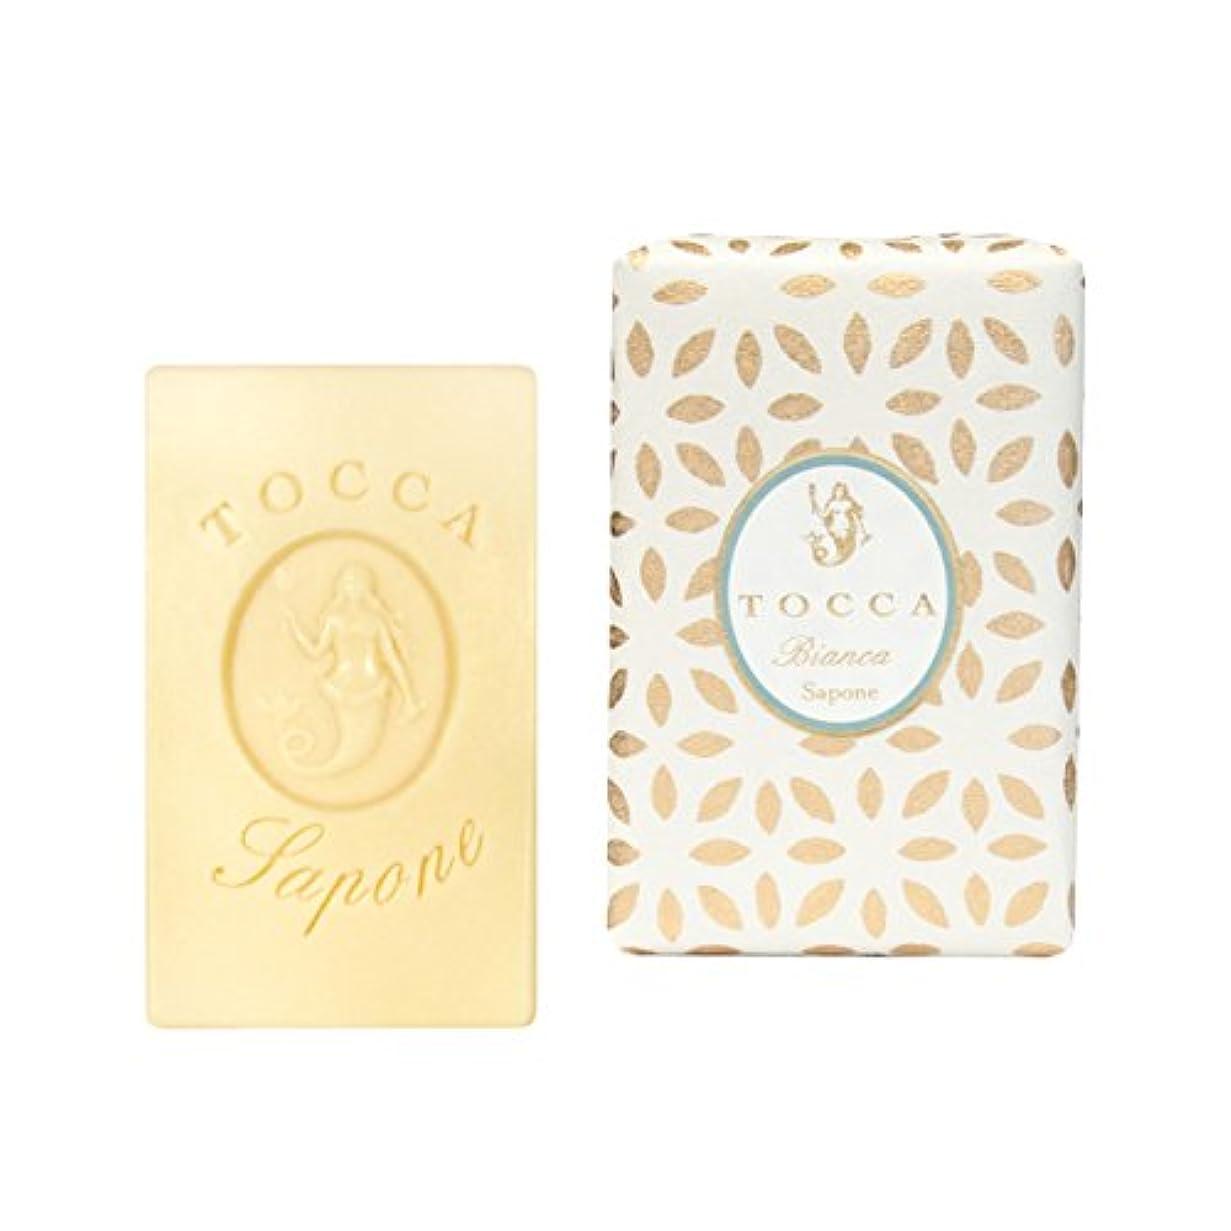 クレーン委託本会議トッカ(TOCCA) ソープバー ビアンカの香り 113g(化粧石けん シトラスとグリーンティー、ローズが絶妙に溶け合ったほのかに甘さ漂うフレッシュな香り)